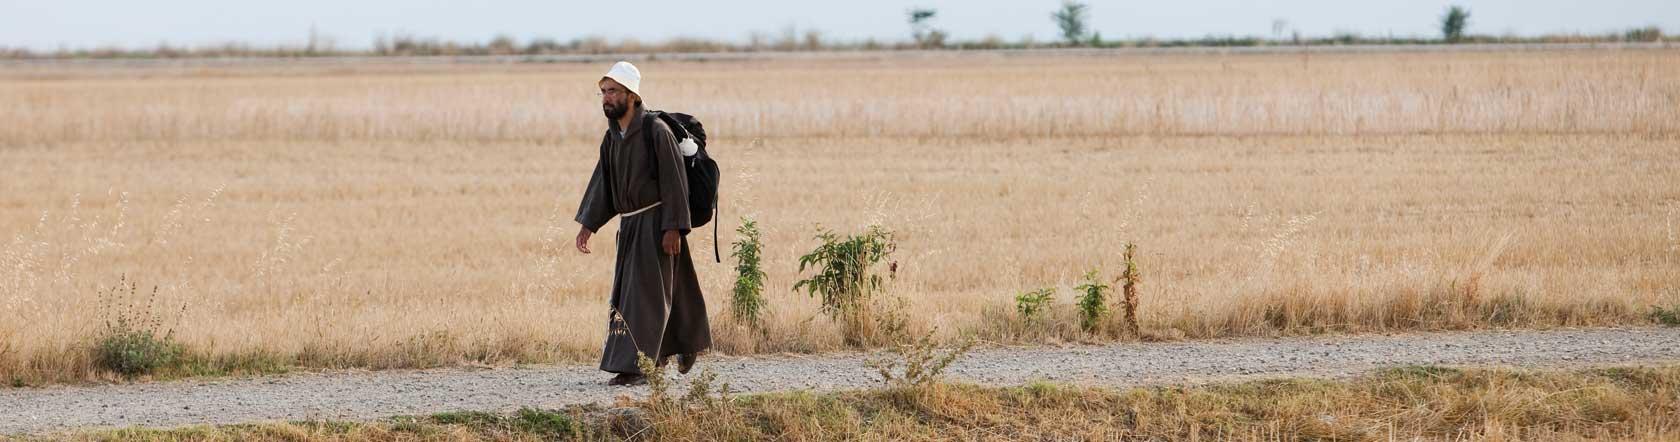 Resultado de imagen de Desde el camino, a lo lejos, se veía el Campanario de la Iglesia